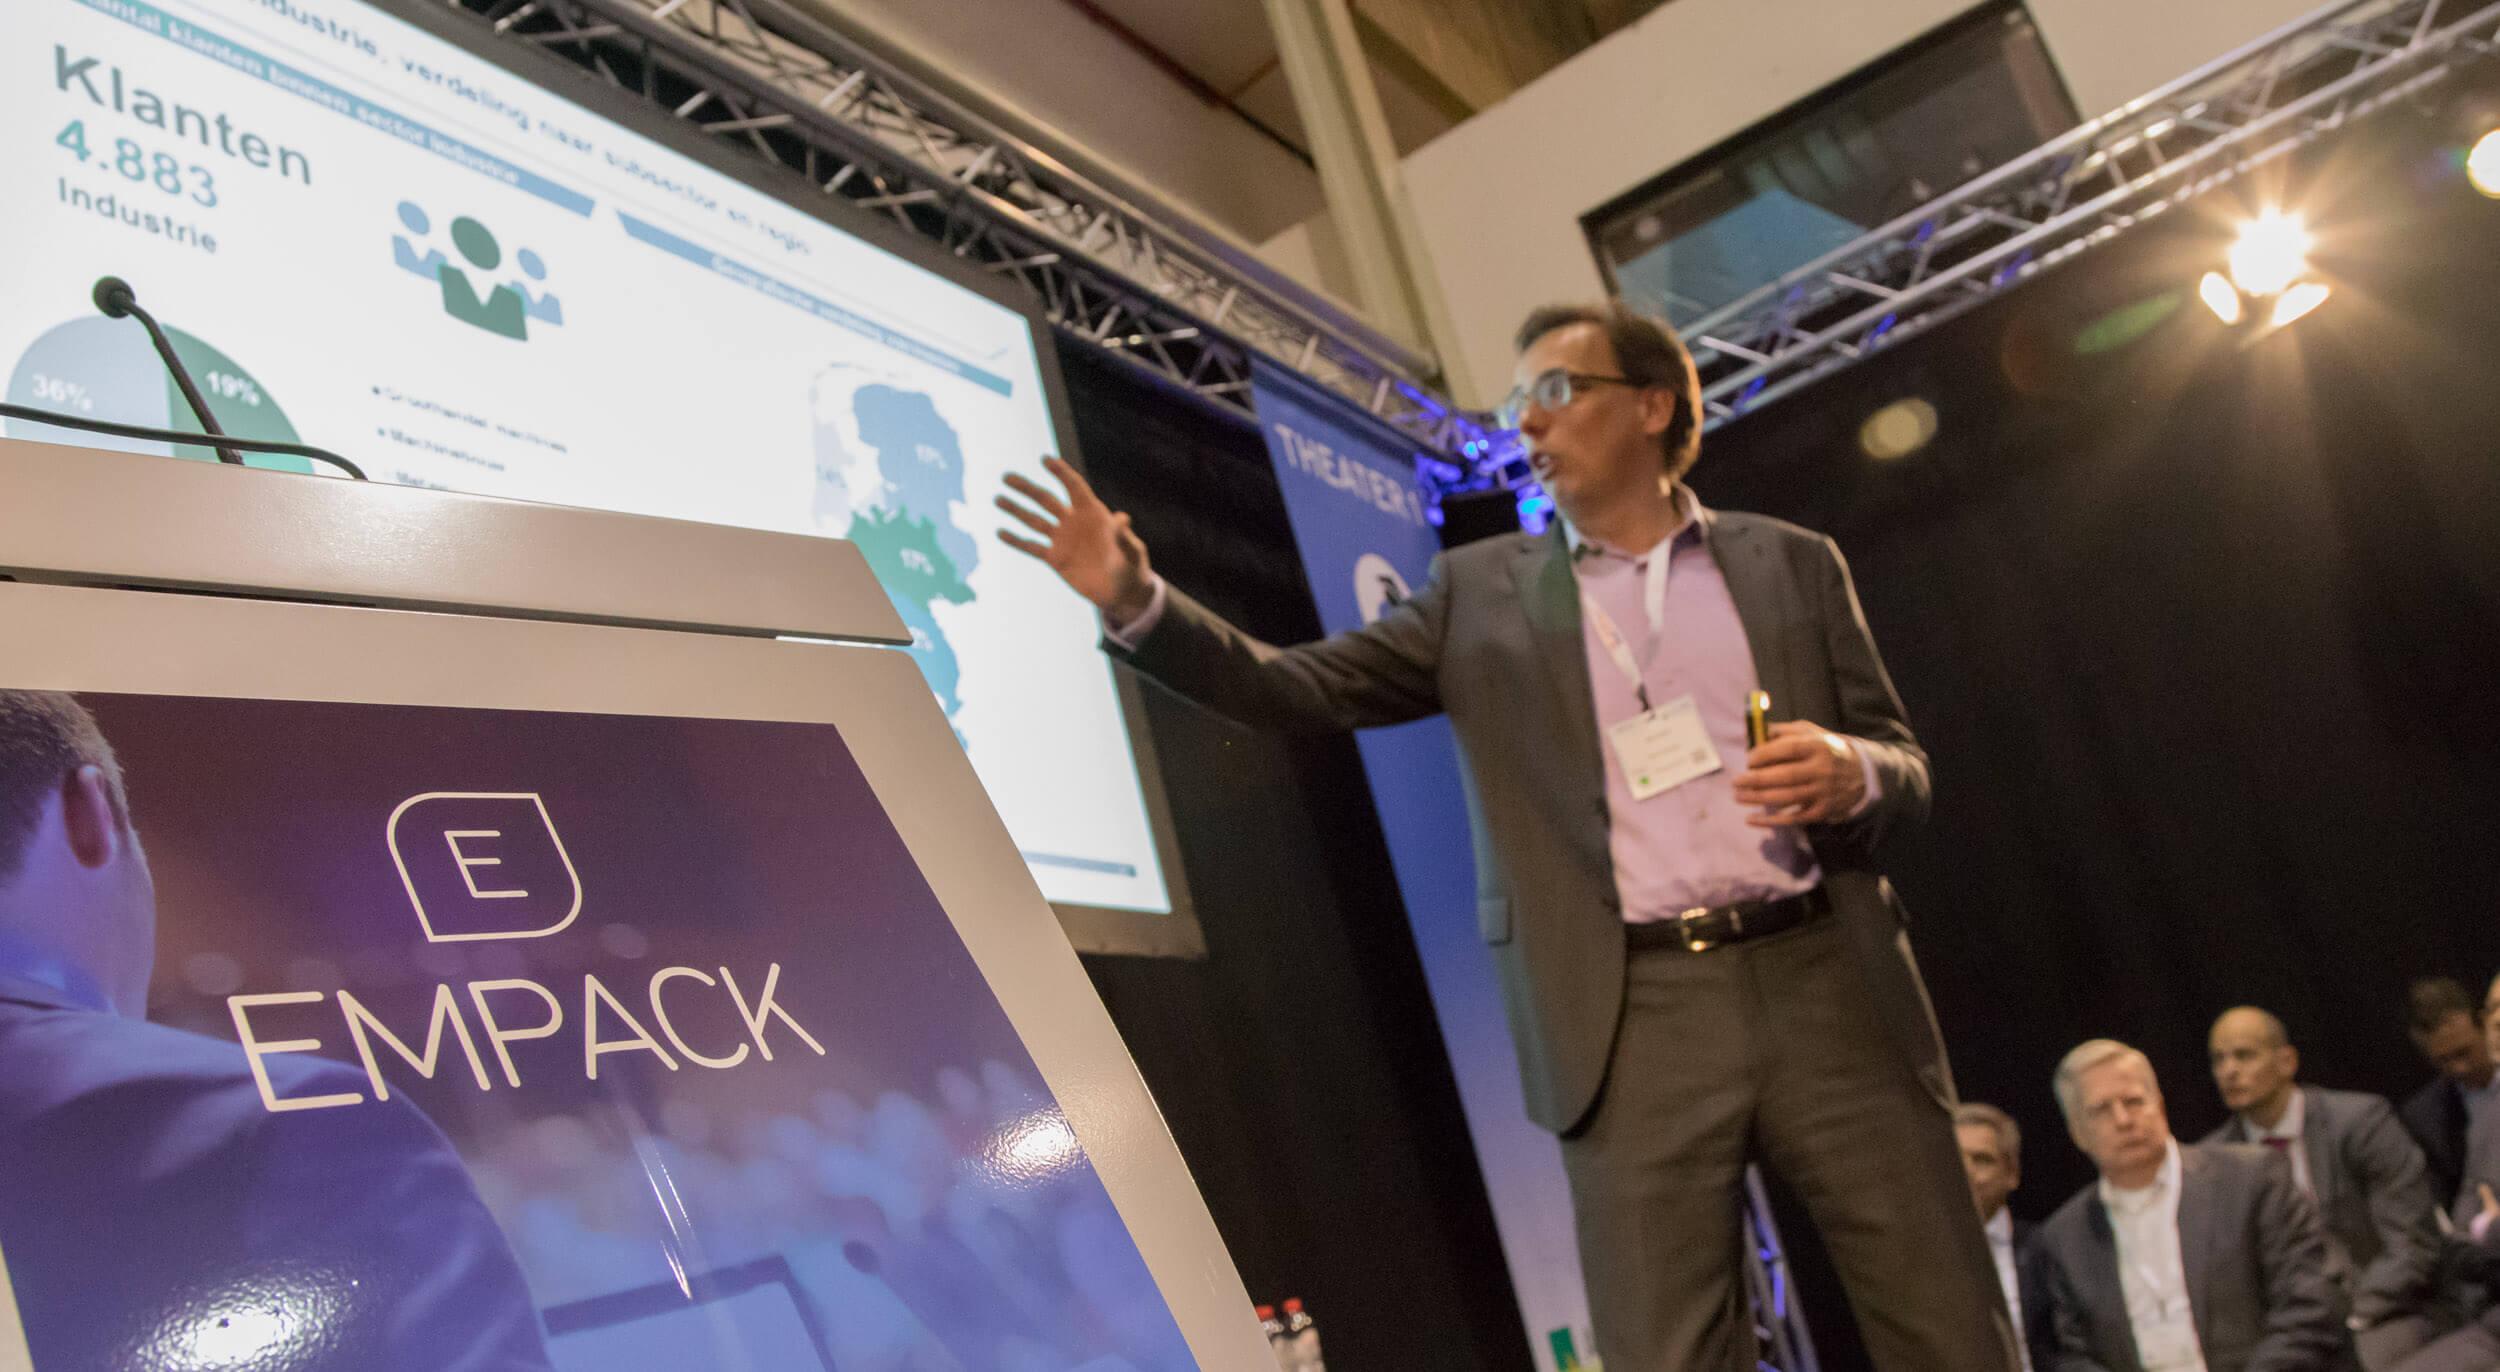 Presentatie op EMPACK